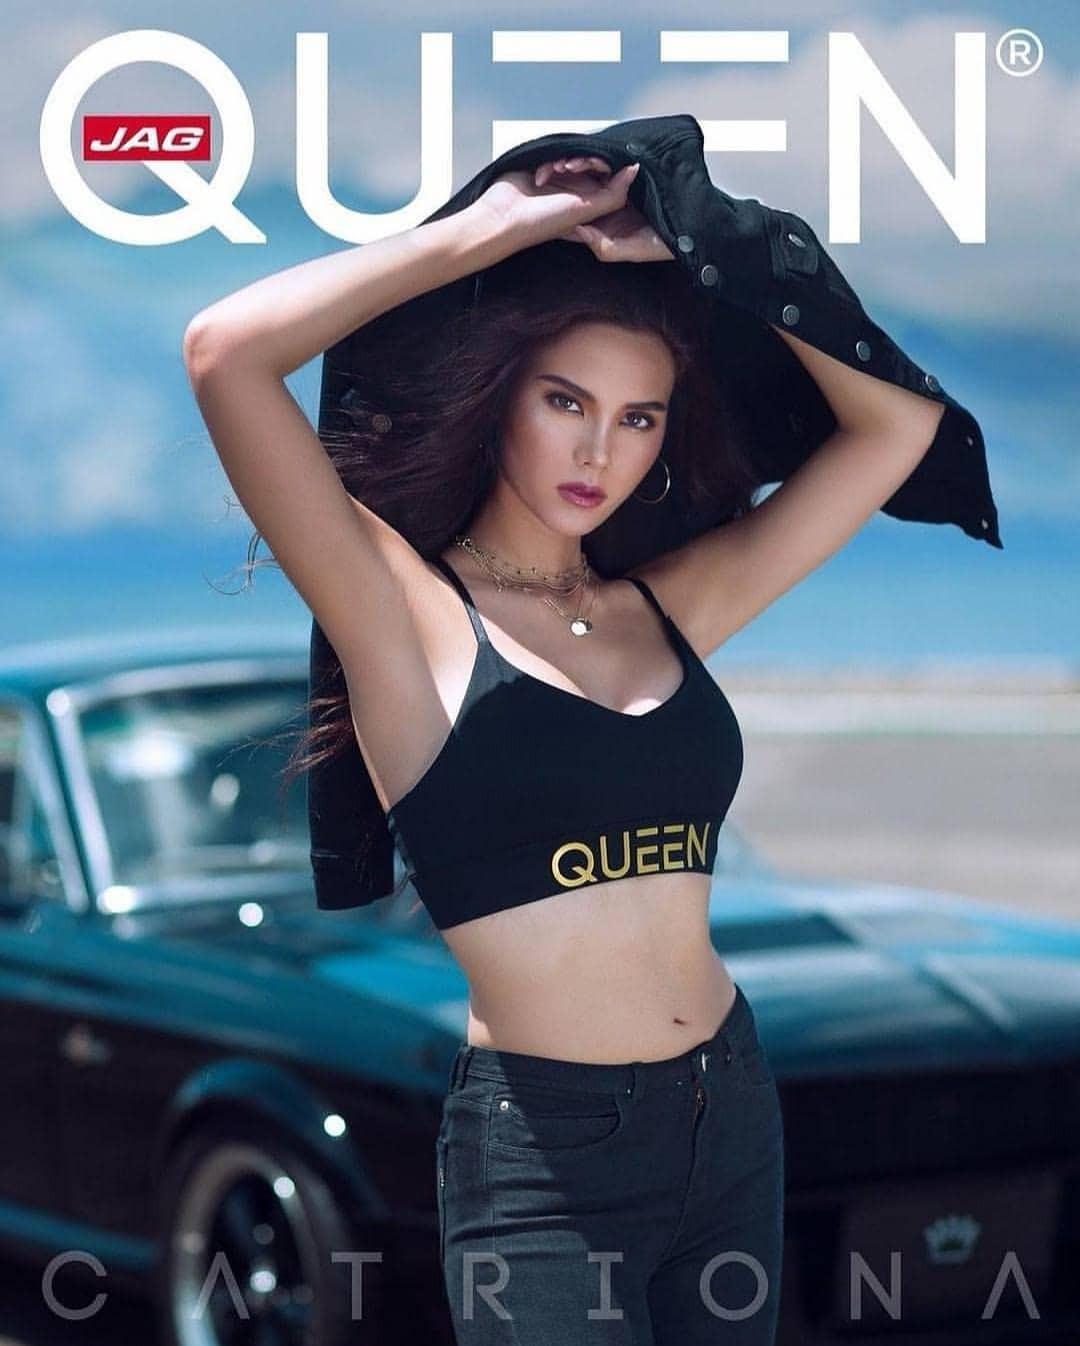 Nhan sắc lai đẹp rực rỡ của Tân Hoa hậu Hoàn vũ 2018 và loạt thành tích khủng trên hành trình đoạt vương miện thứ 3! - Ảnh 5.